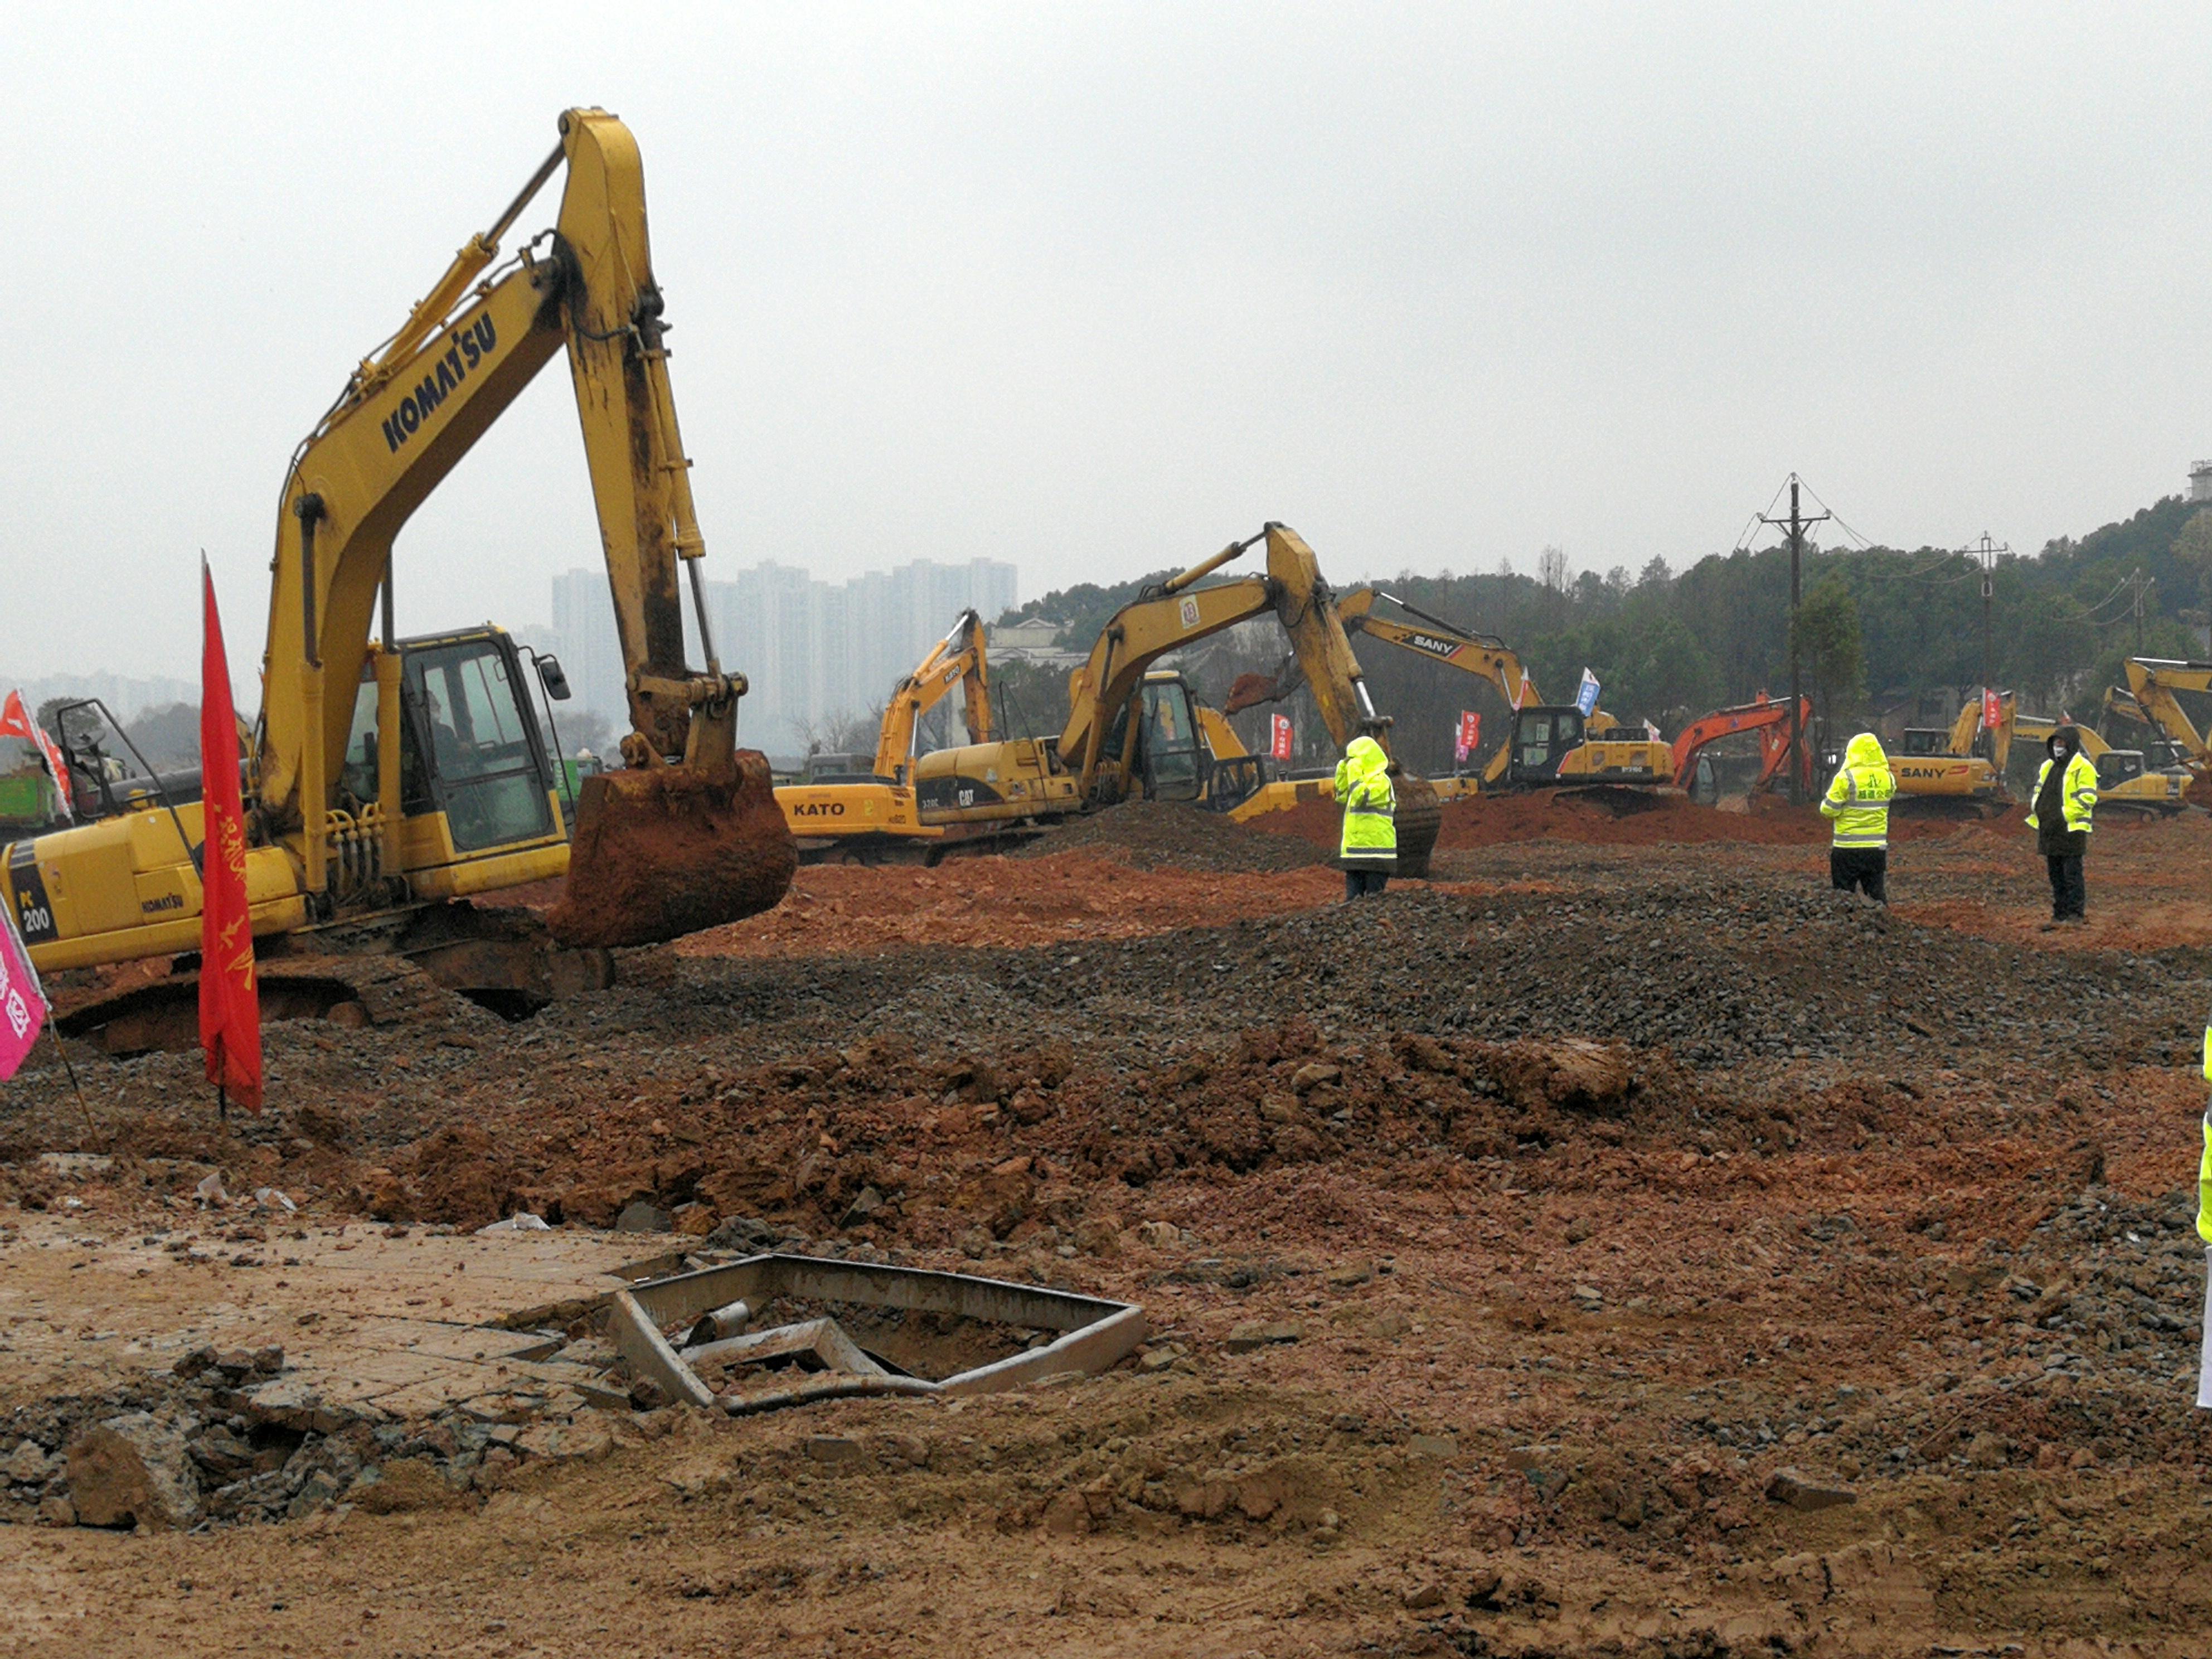 Se ven excavadoras en el sitio de construcción donde se está edificando el hospital para tratar a pacientes de un nuevo coronavirus, luego del brote y el cierre de la ciudad de Wuhan (8cnsphoto vía REUTERS)